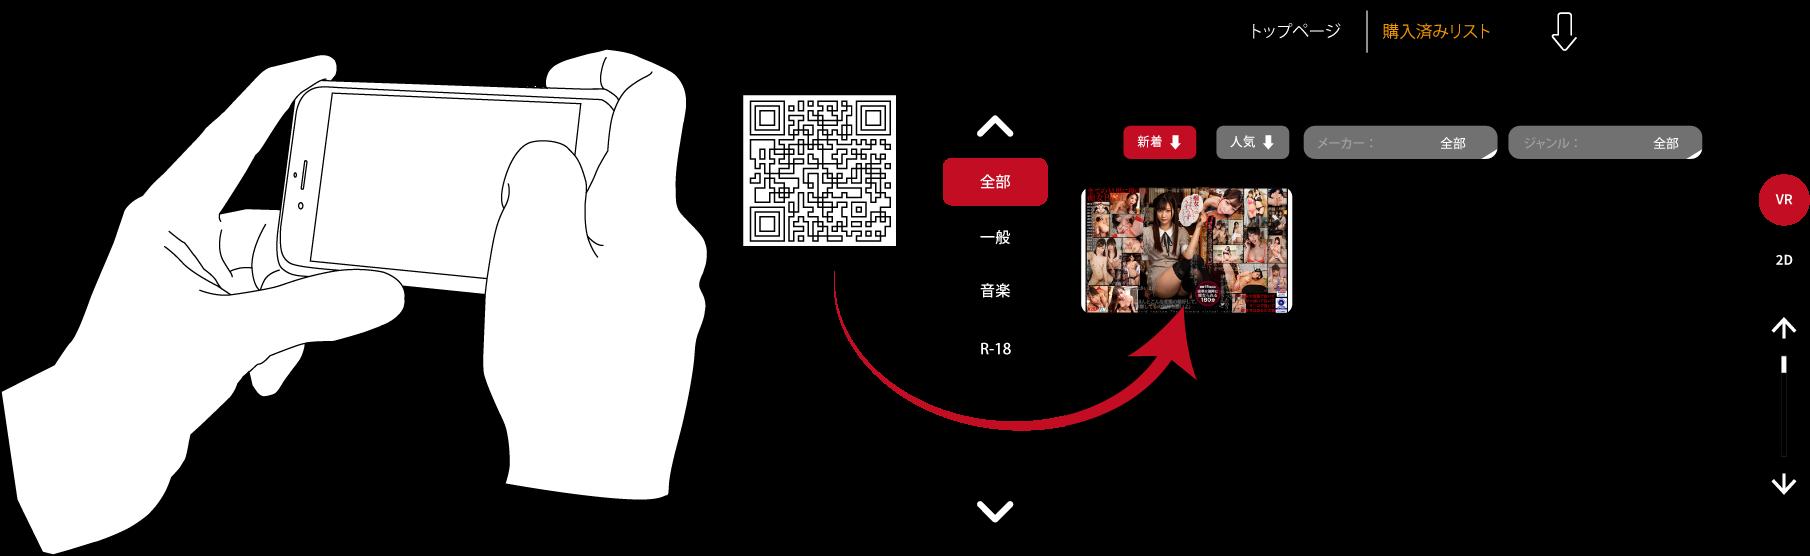 ポケットVRを利用しているイメージ図